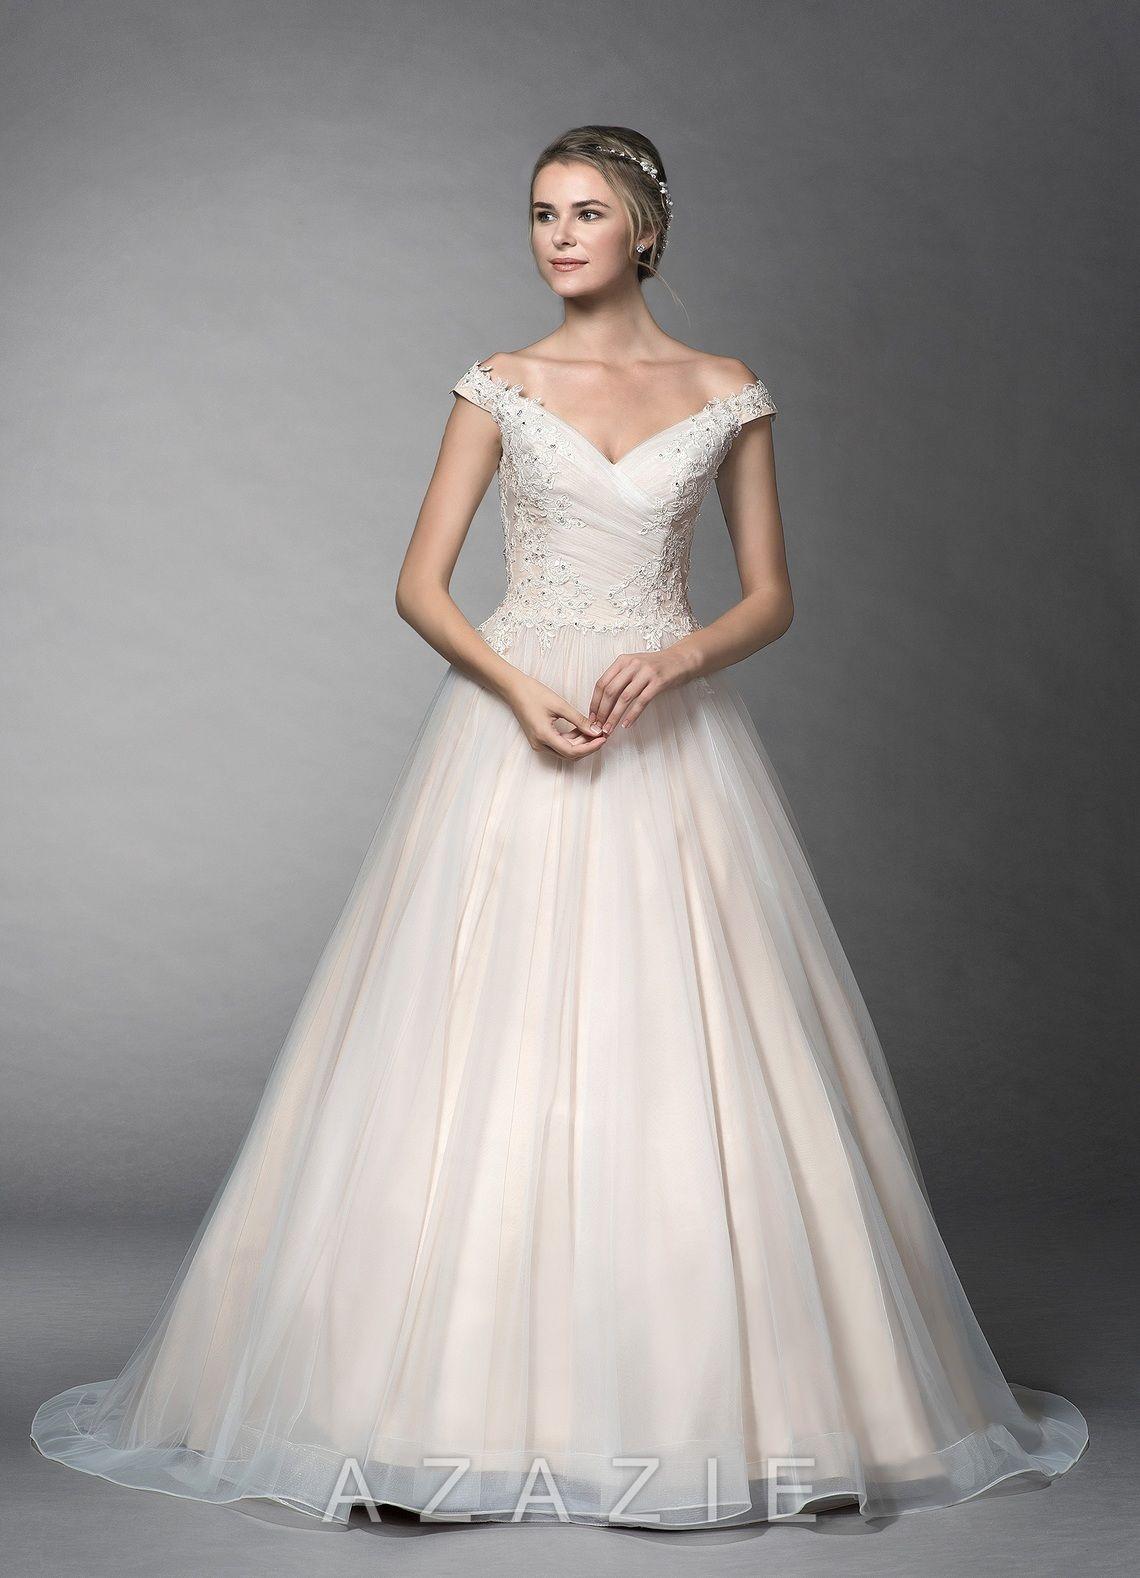 Azazie BG Wedding Dress Diamond White/Champagne